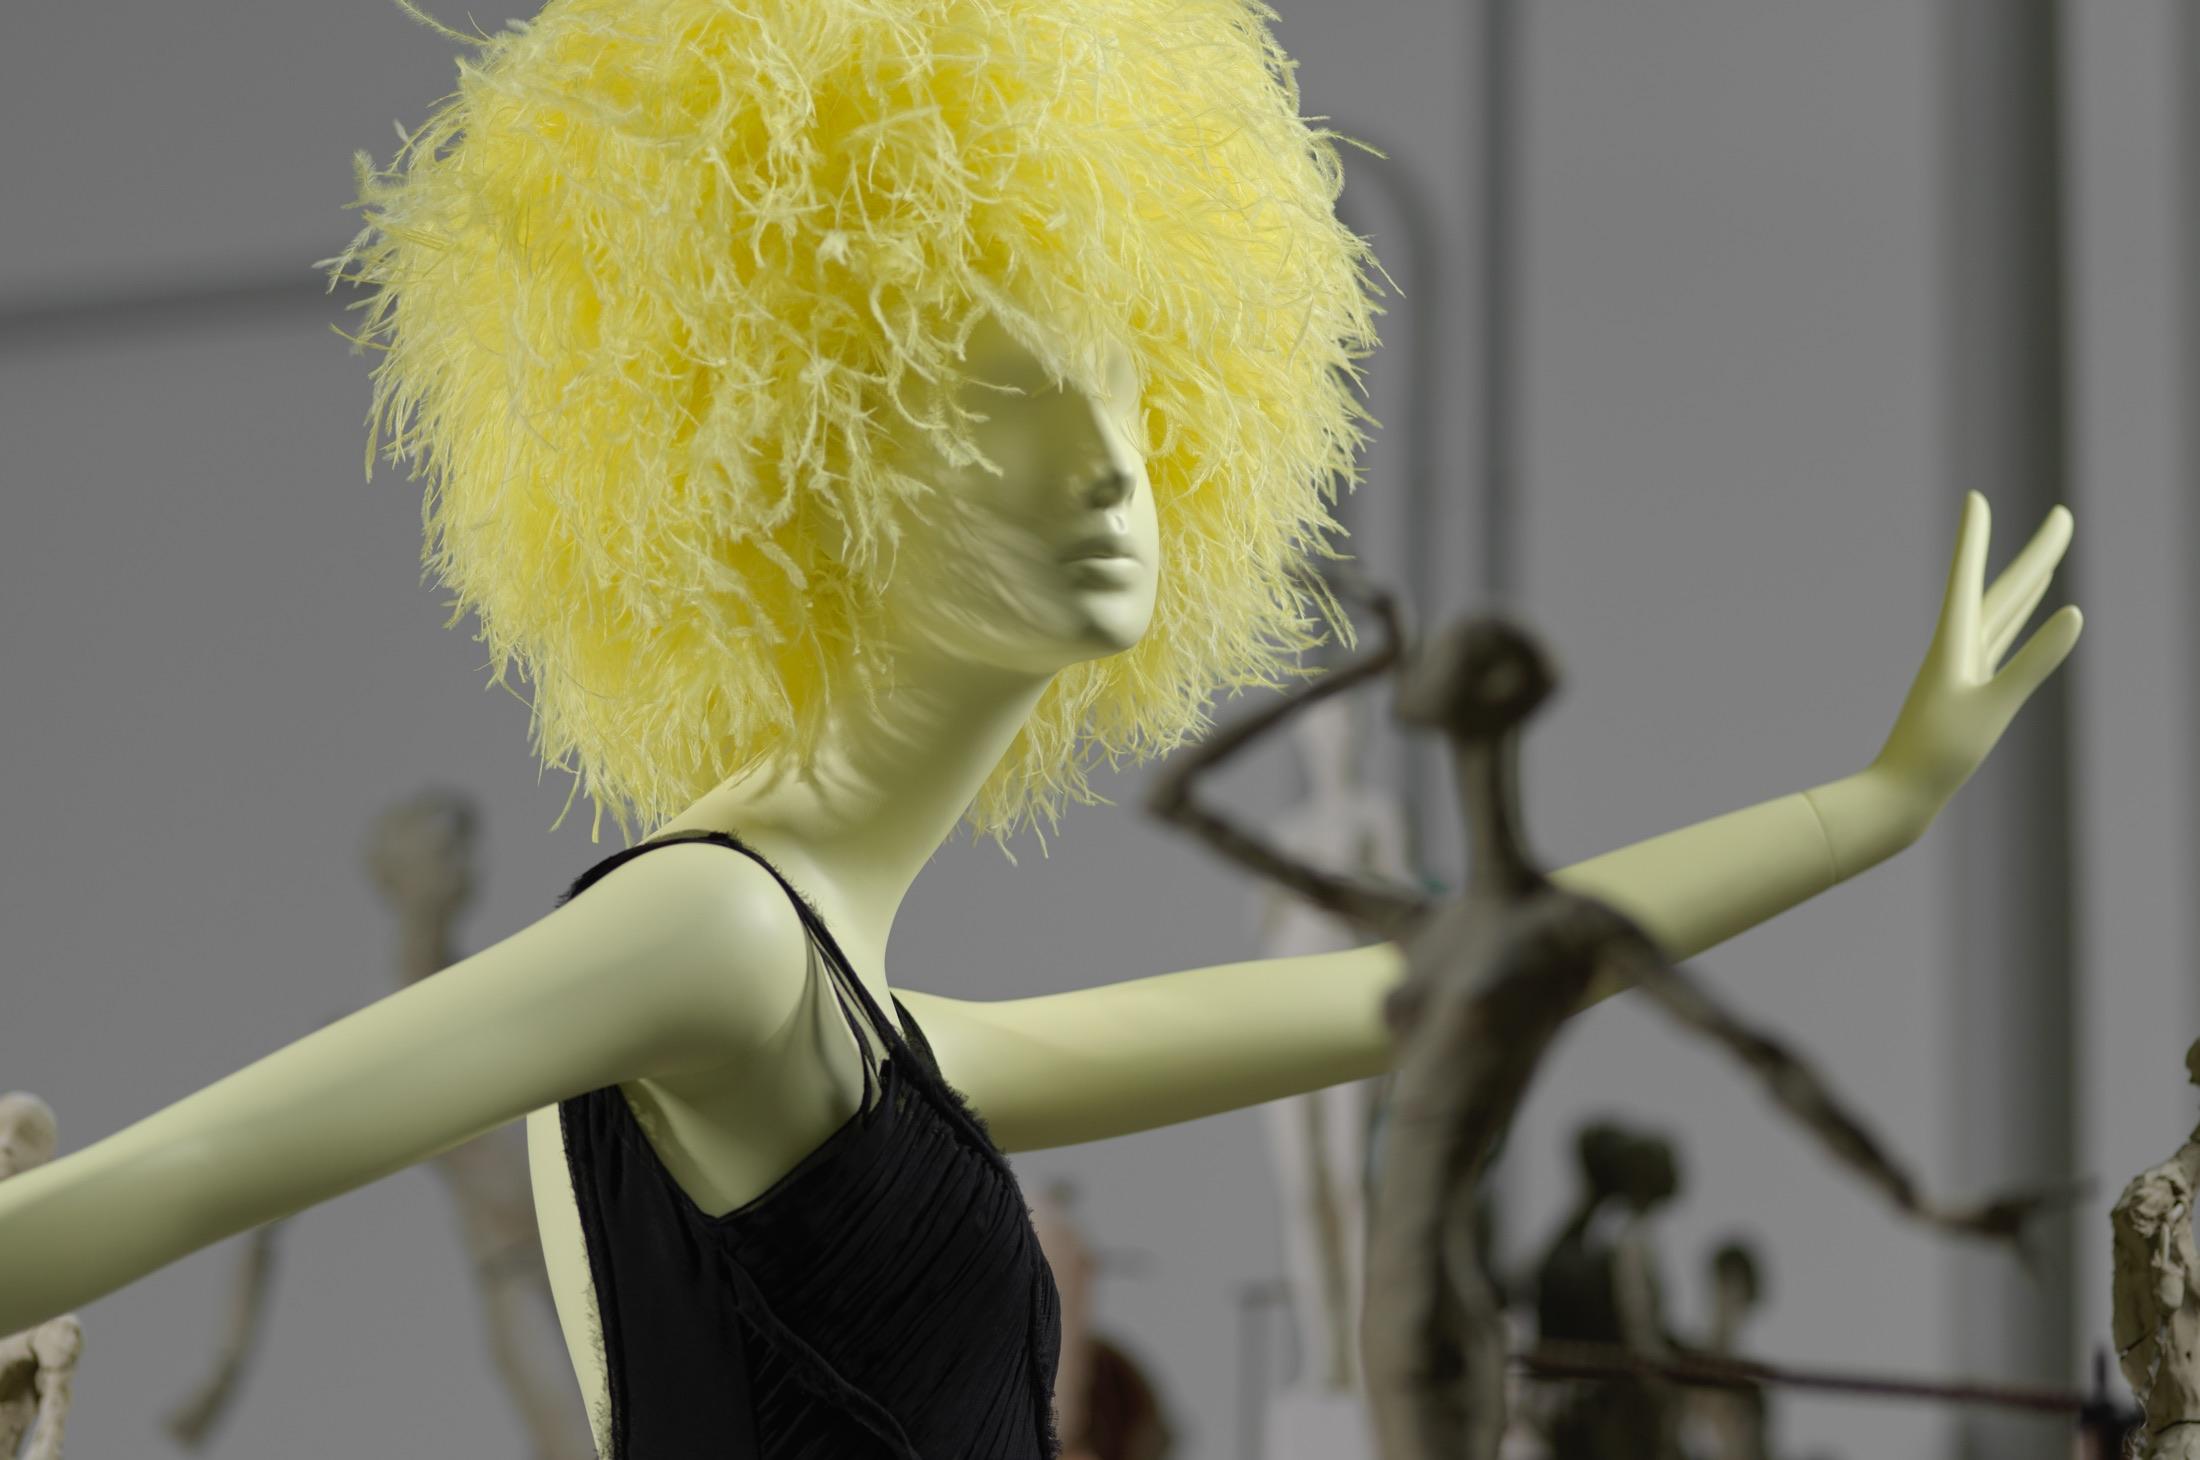 La dernière collection Schläppi inspirée par les icônes qui ont contribué à l'âge d'or du Studio 54.